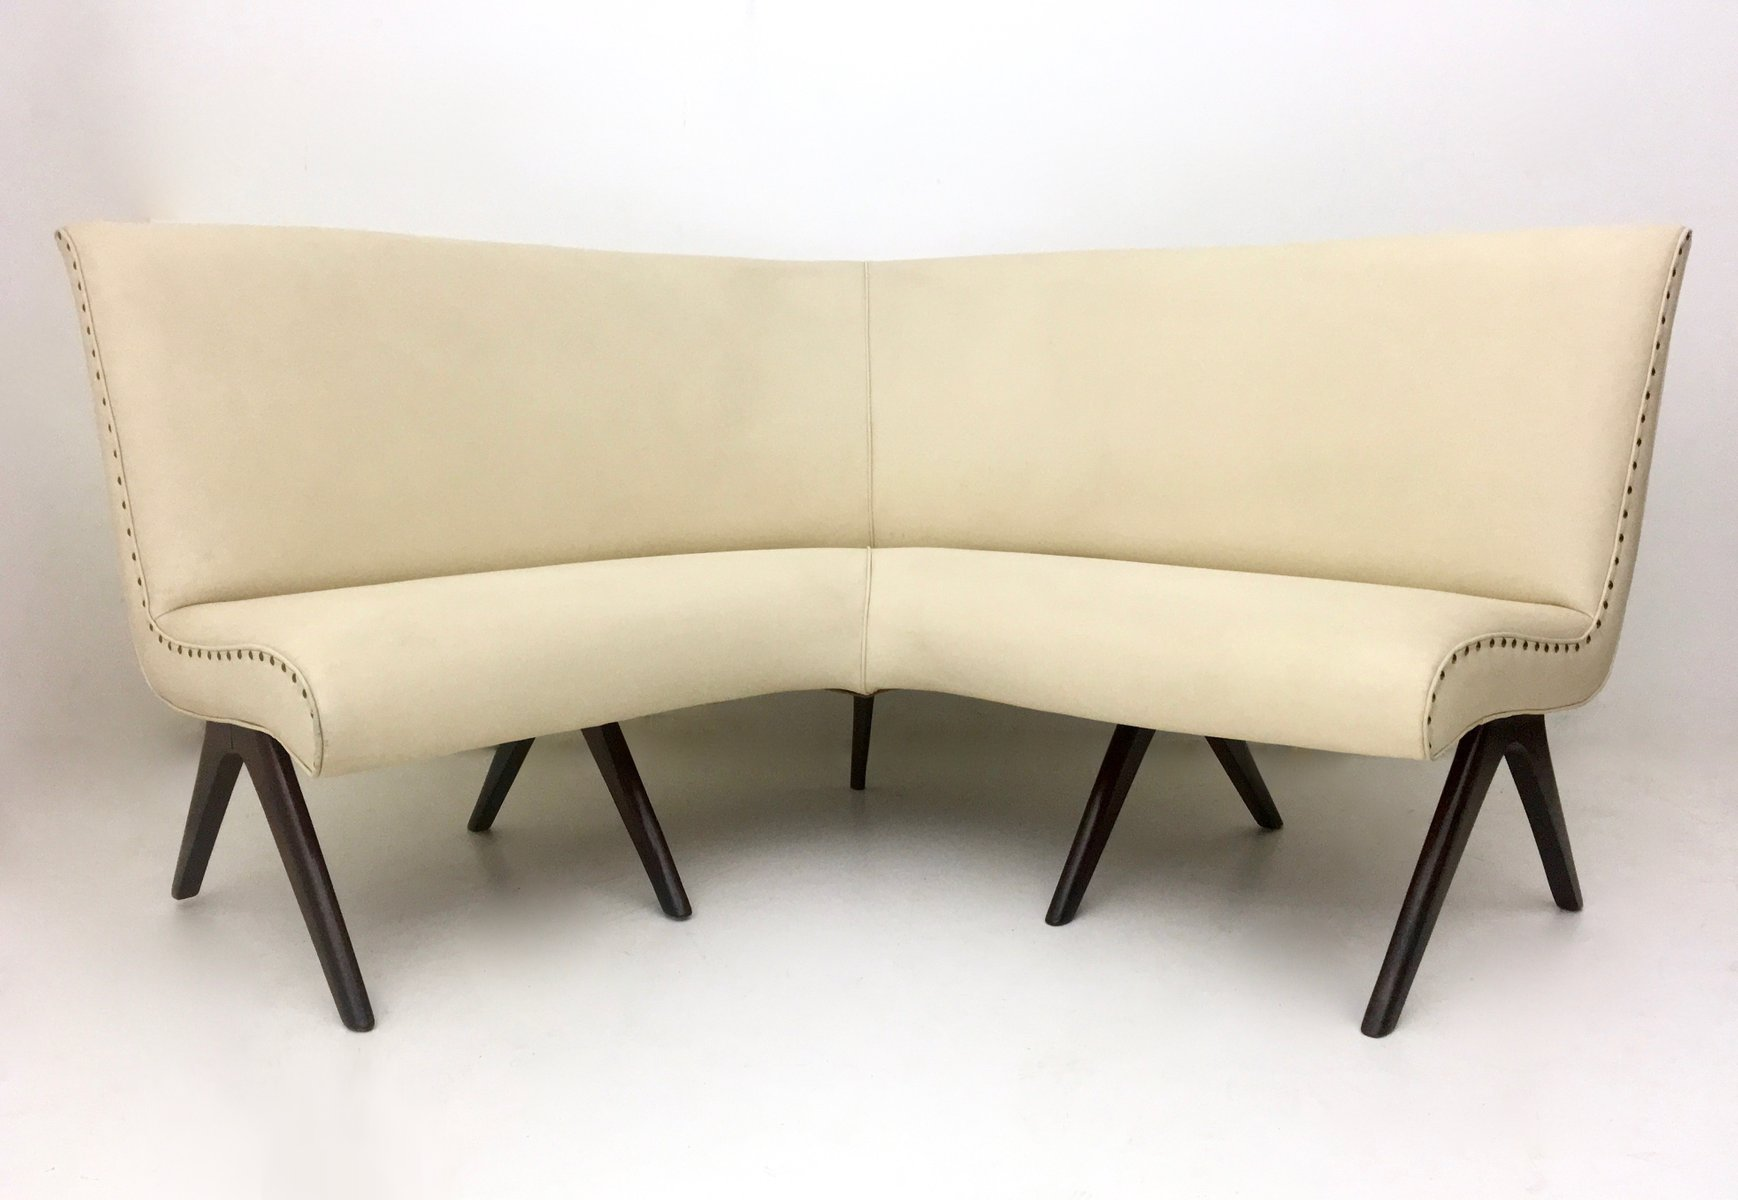 canap d angle en ska ivoire et bois 1950s en vente sur pamono. Black Bedroom Furniture Sets. Home Design Ideas